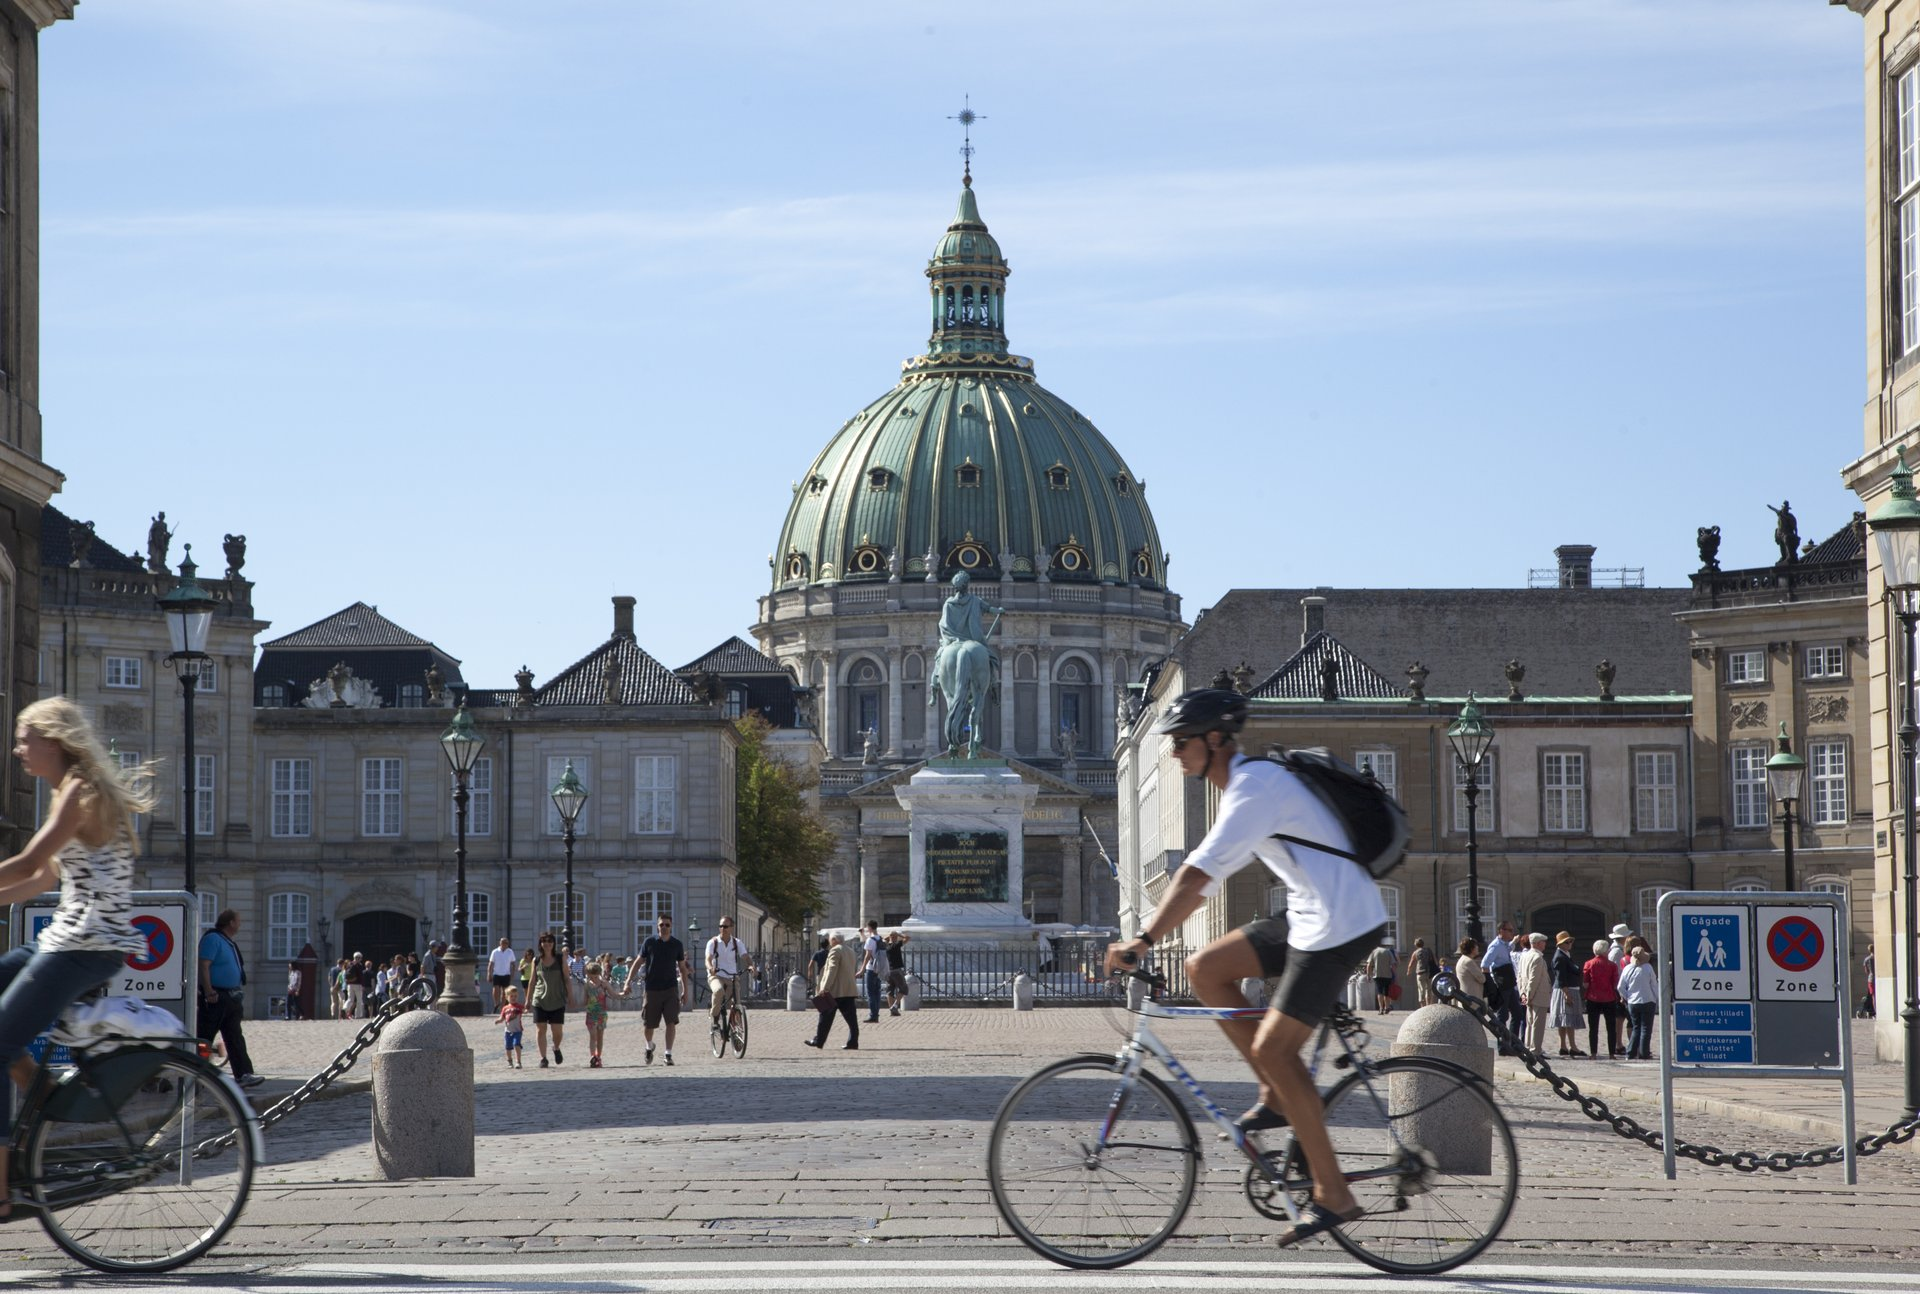 2020 blev det største kriseår nogensinde i den danske hotelbranche, navnlig hoteller i København var hårdt ramt på grund af meget få udenlandske turister. Arkivfoto fra VisitDenmark: Kim Wyon.